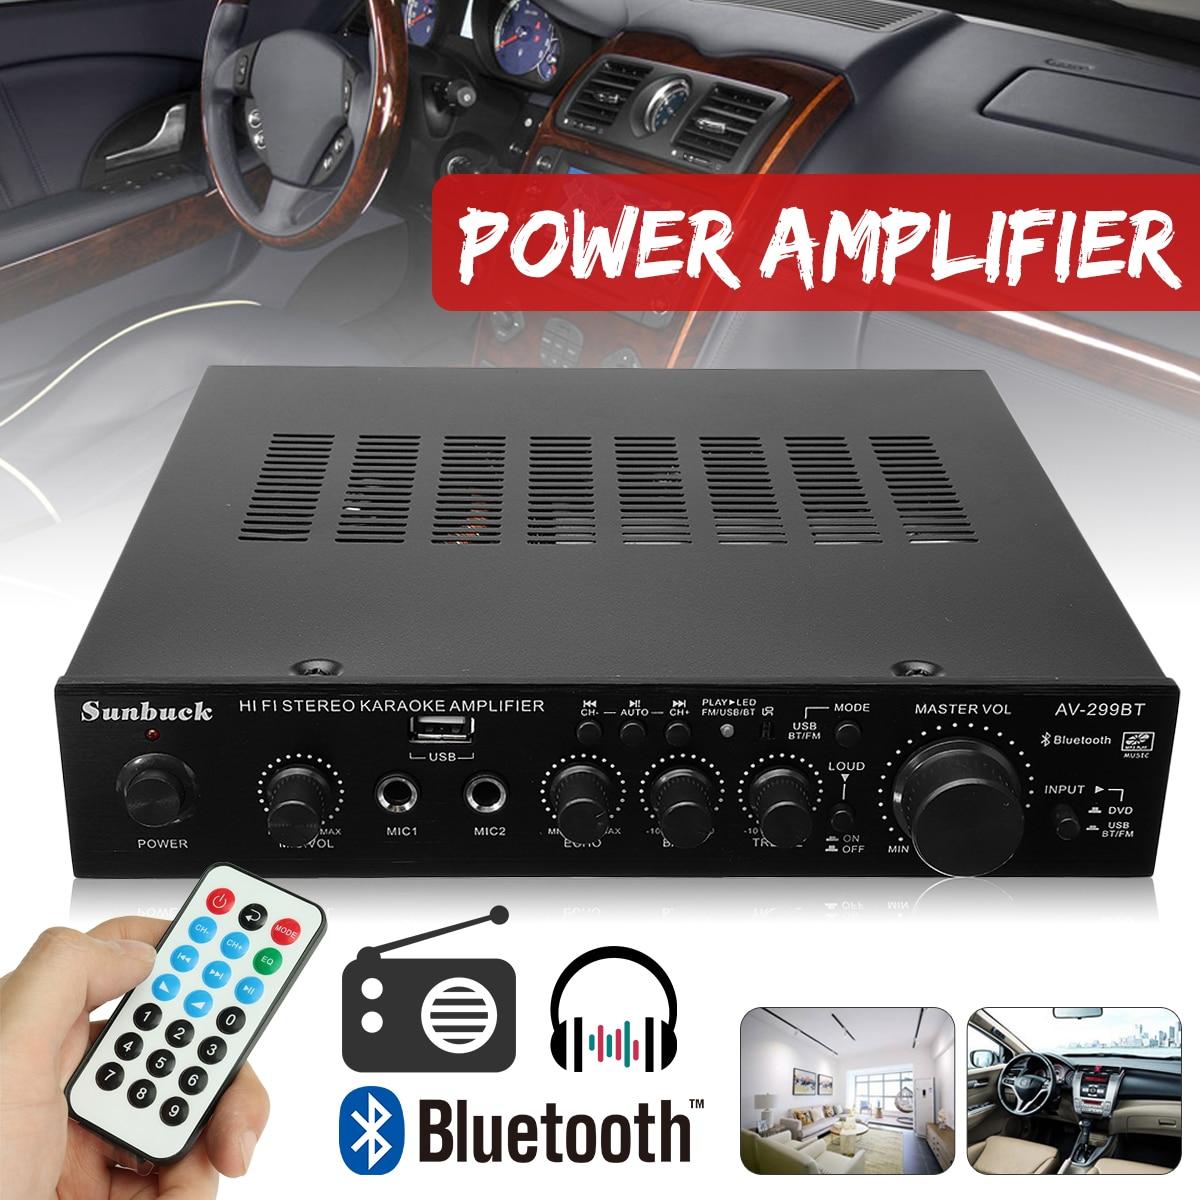 все цены на 298B Bluetooth 2.0 Channel 2000W 5 Channel Audio Power Amplifier 220V AV Amp Speaker with Remote Control Support FM USB SD Card онлайн